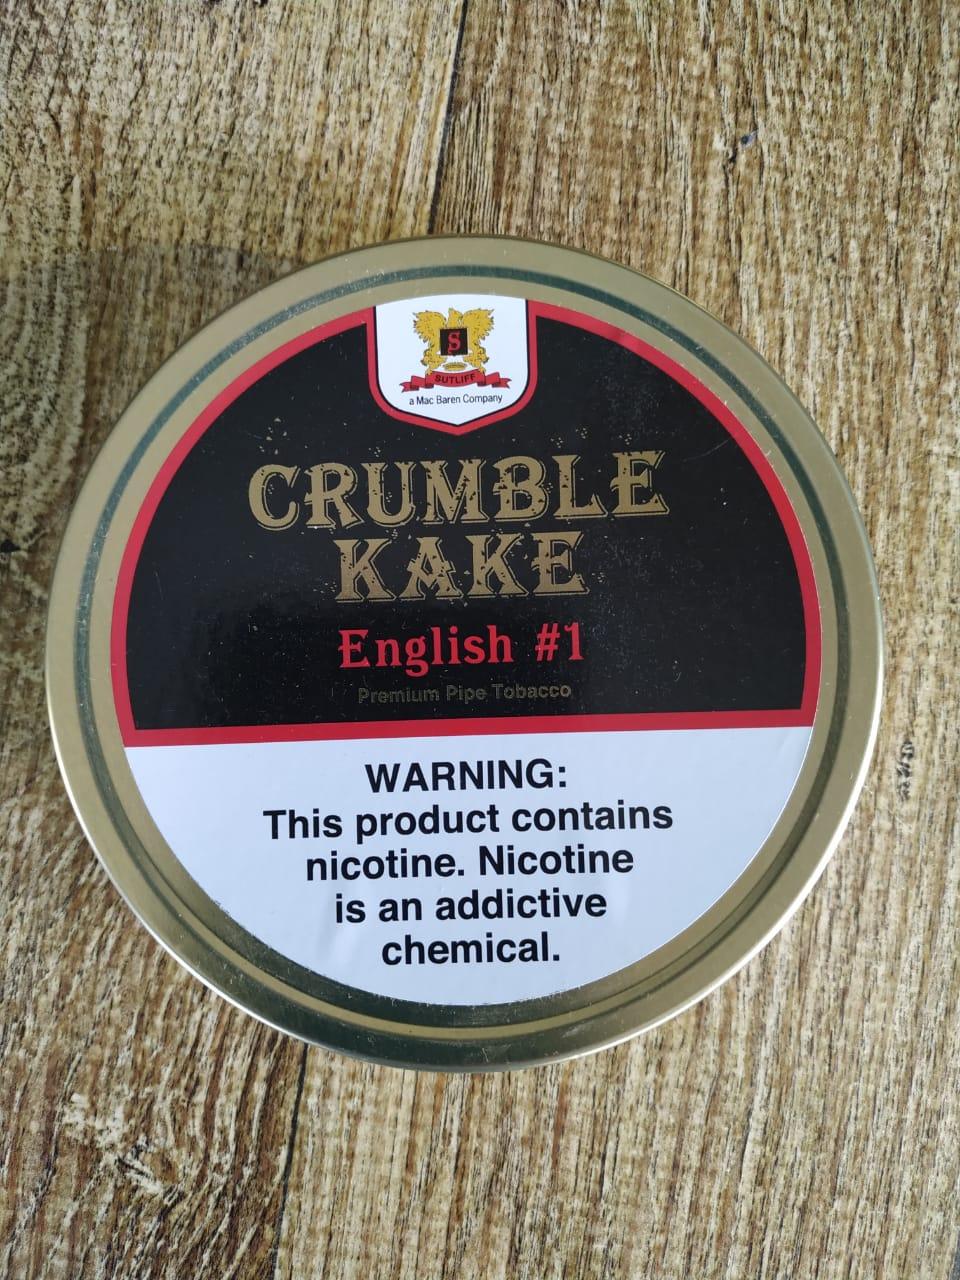 Sutliff Tobacco Company - Crumble Kake English #1